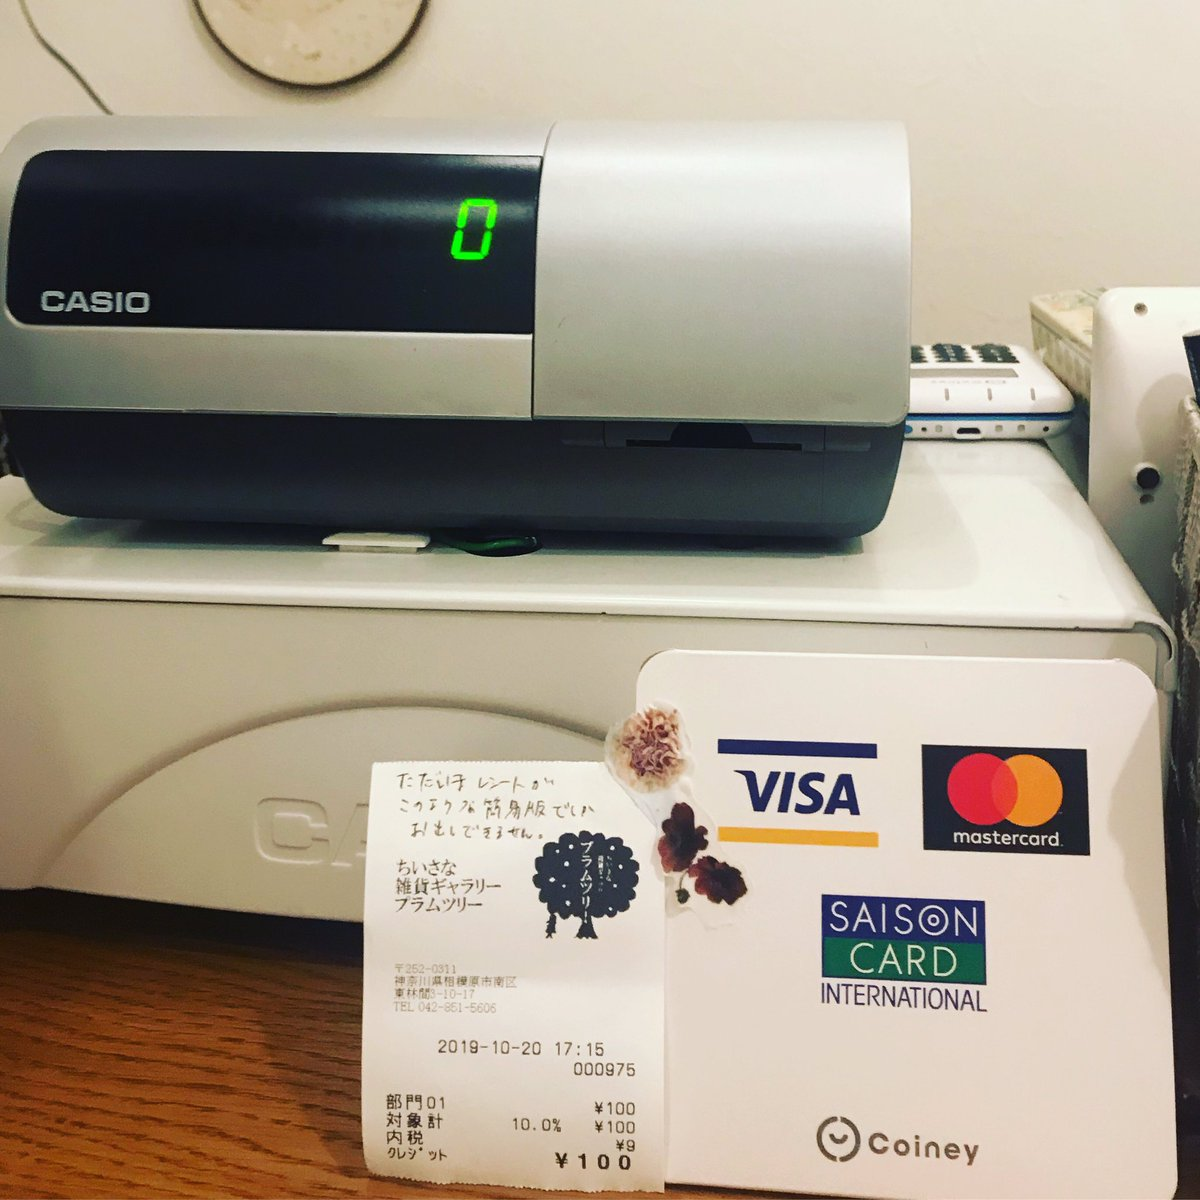 【お知らせ】クレジットカードが導入されました。まだこれしか種類使えないしキャッシュレス還元店でもないし専用プリンタ無で簡易的レシートしか出せないけど…時代ですね。が、何しろ慣れません。お会計時にあっ!とか叫びつつのノロノロ会計となりますことをご了承の上…お願いします…頑張ります